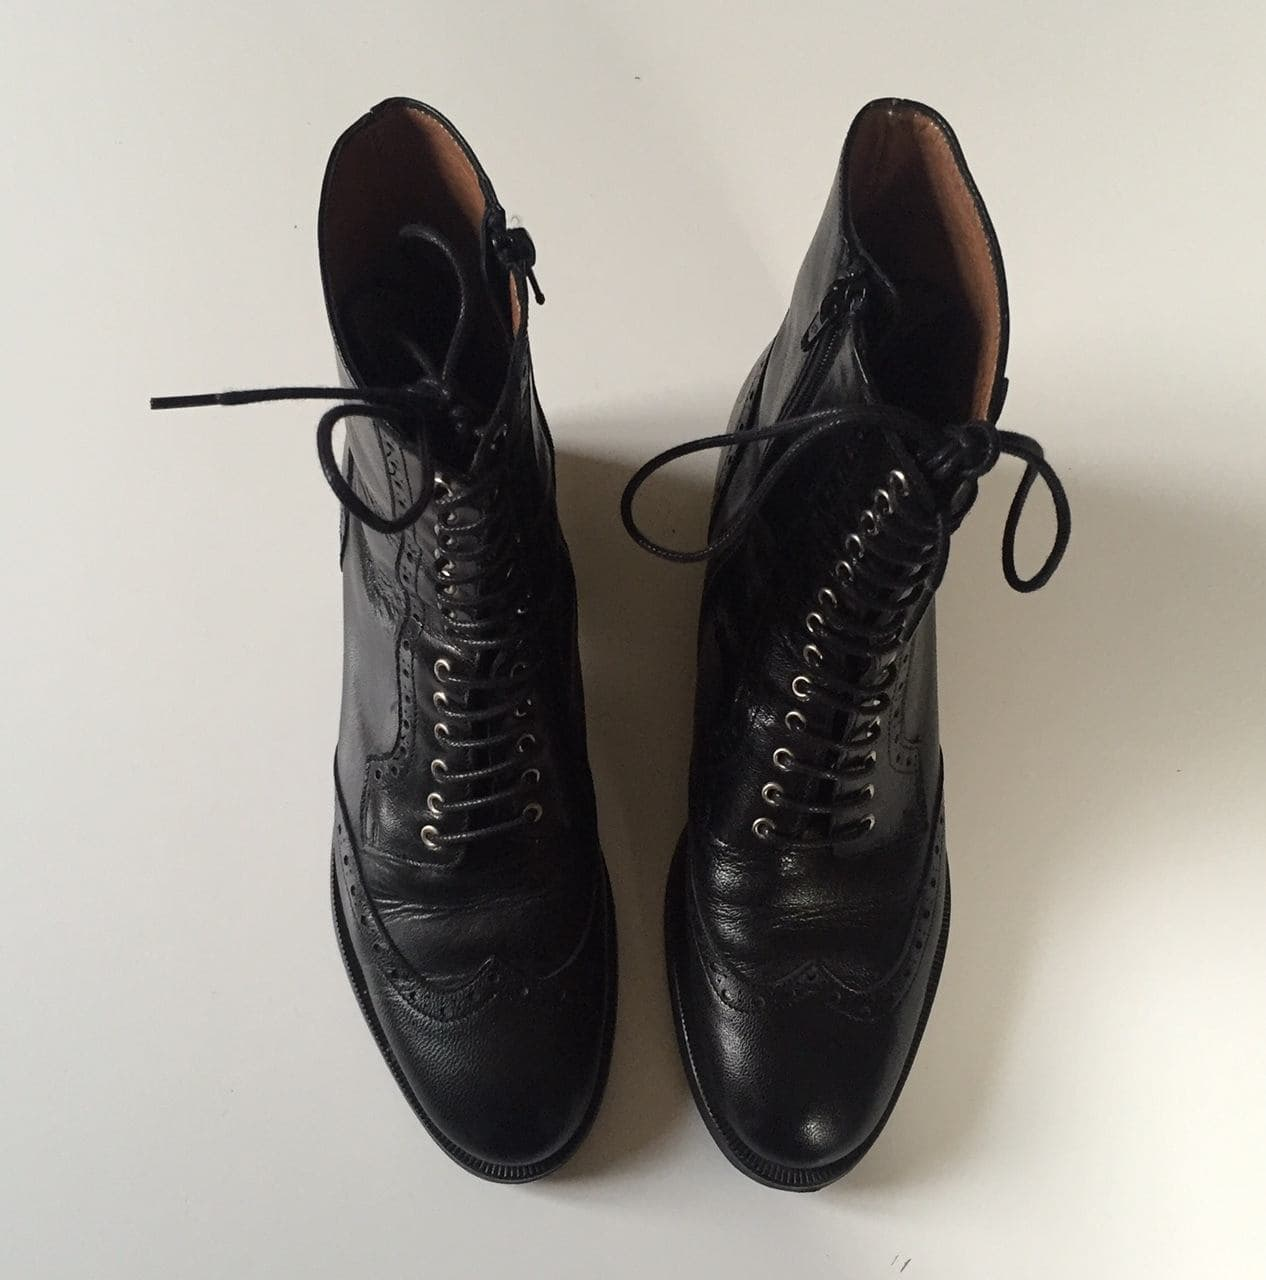 Quelles Plats A On Porter Pieds Chaussures Les Quand TOXZukiP